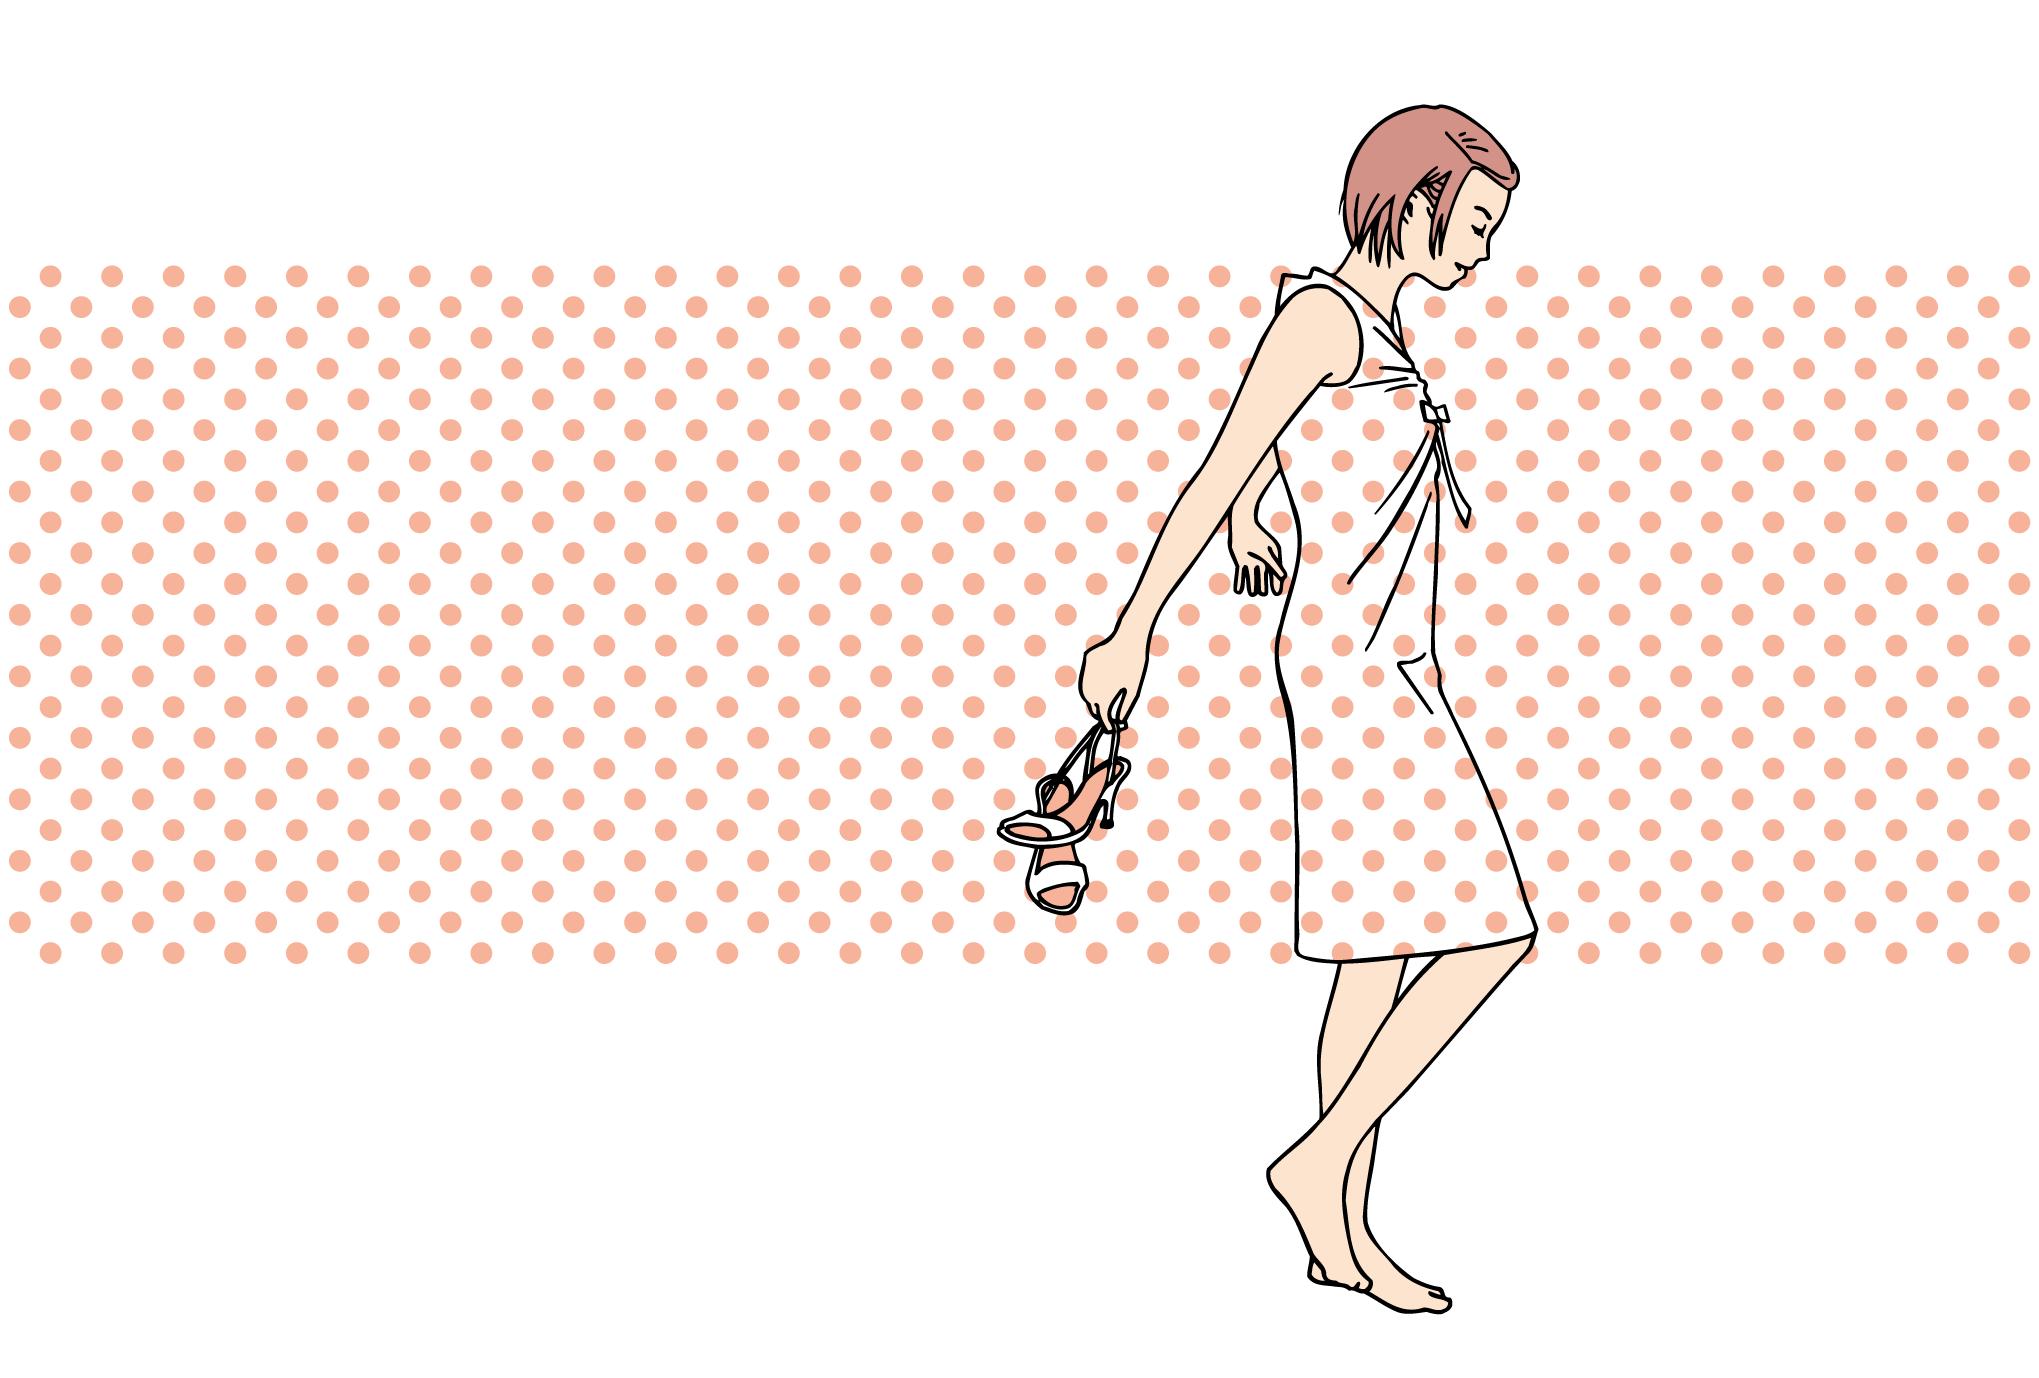 サマーカード10-2:Polkadot summer / Pinkのダウンロード画像